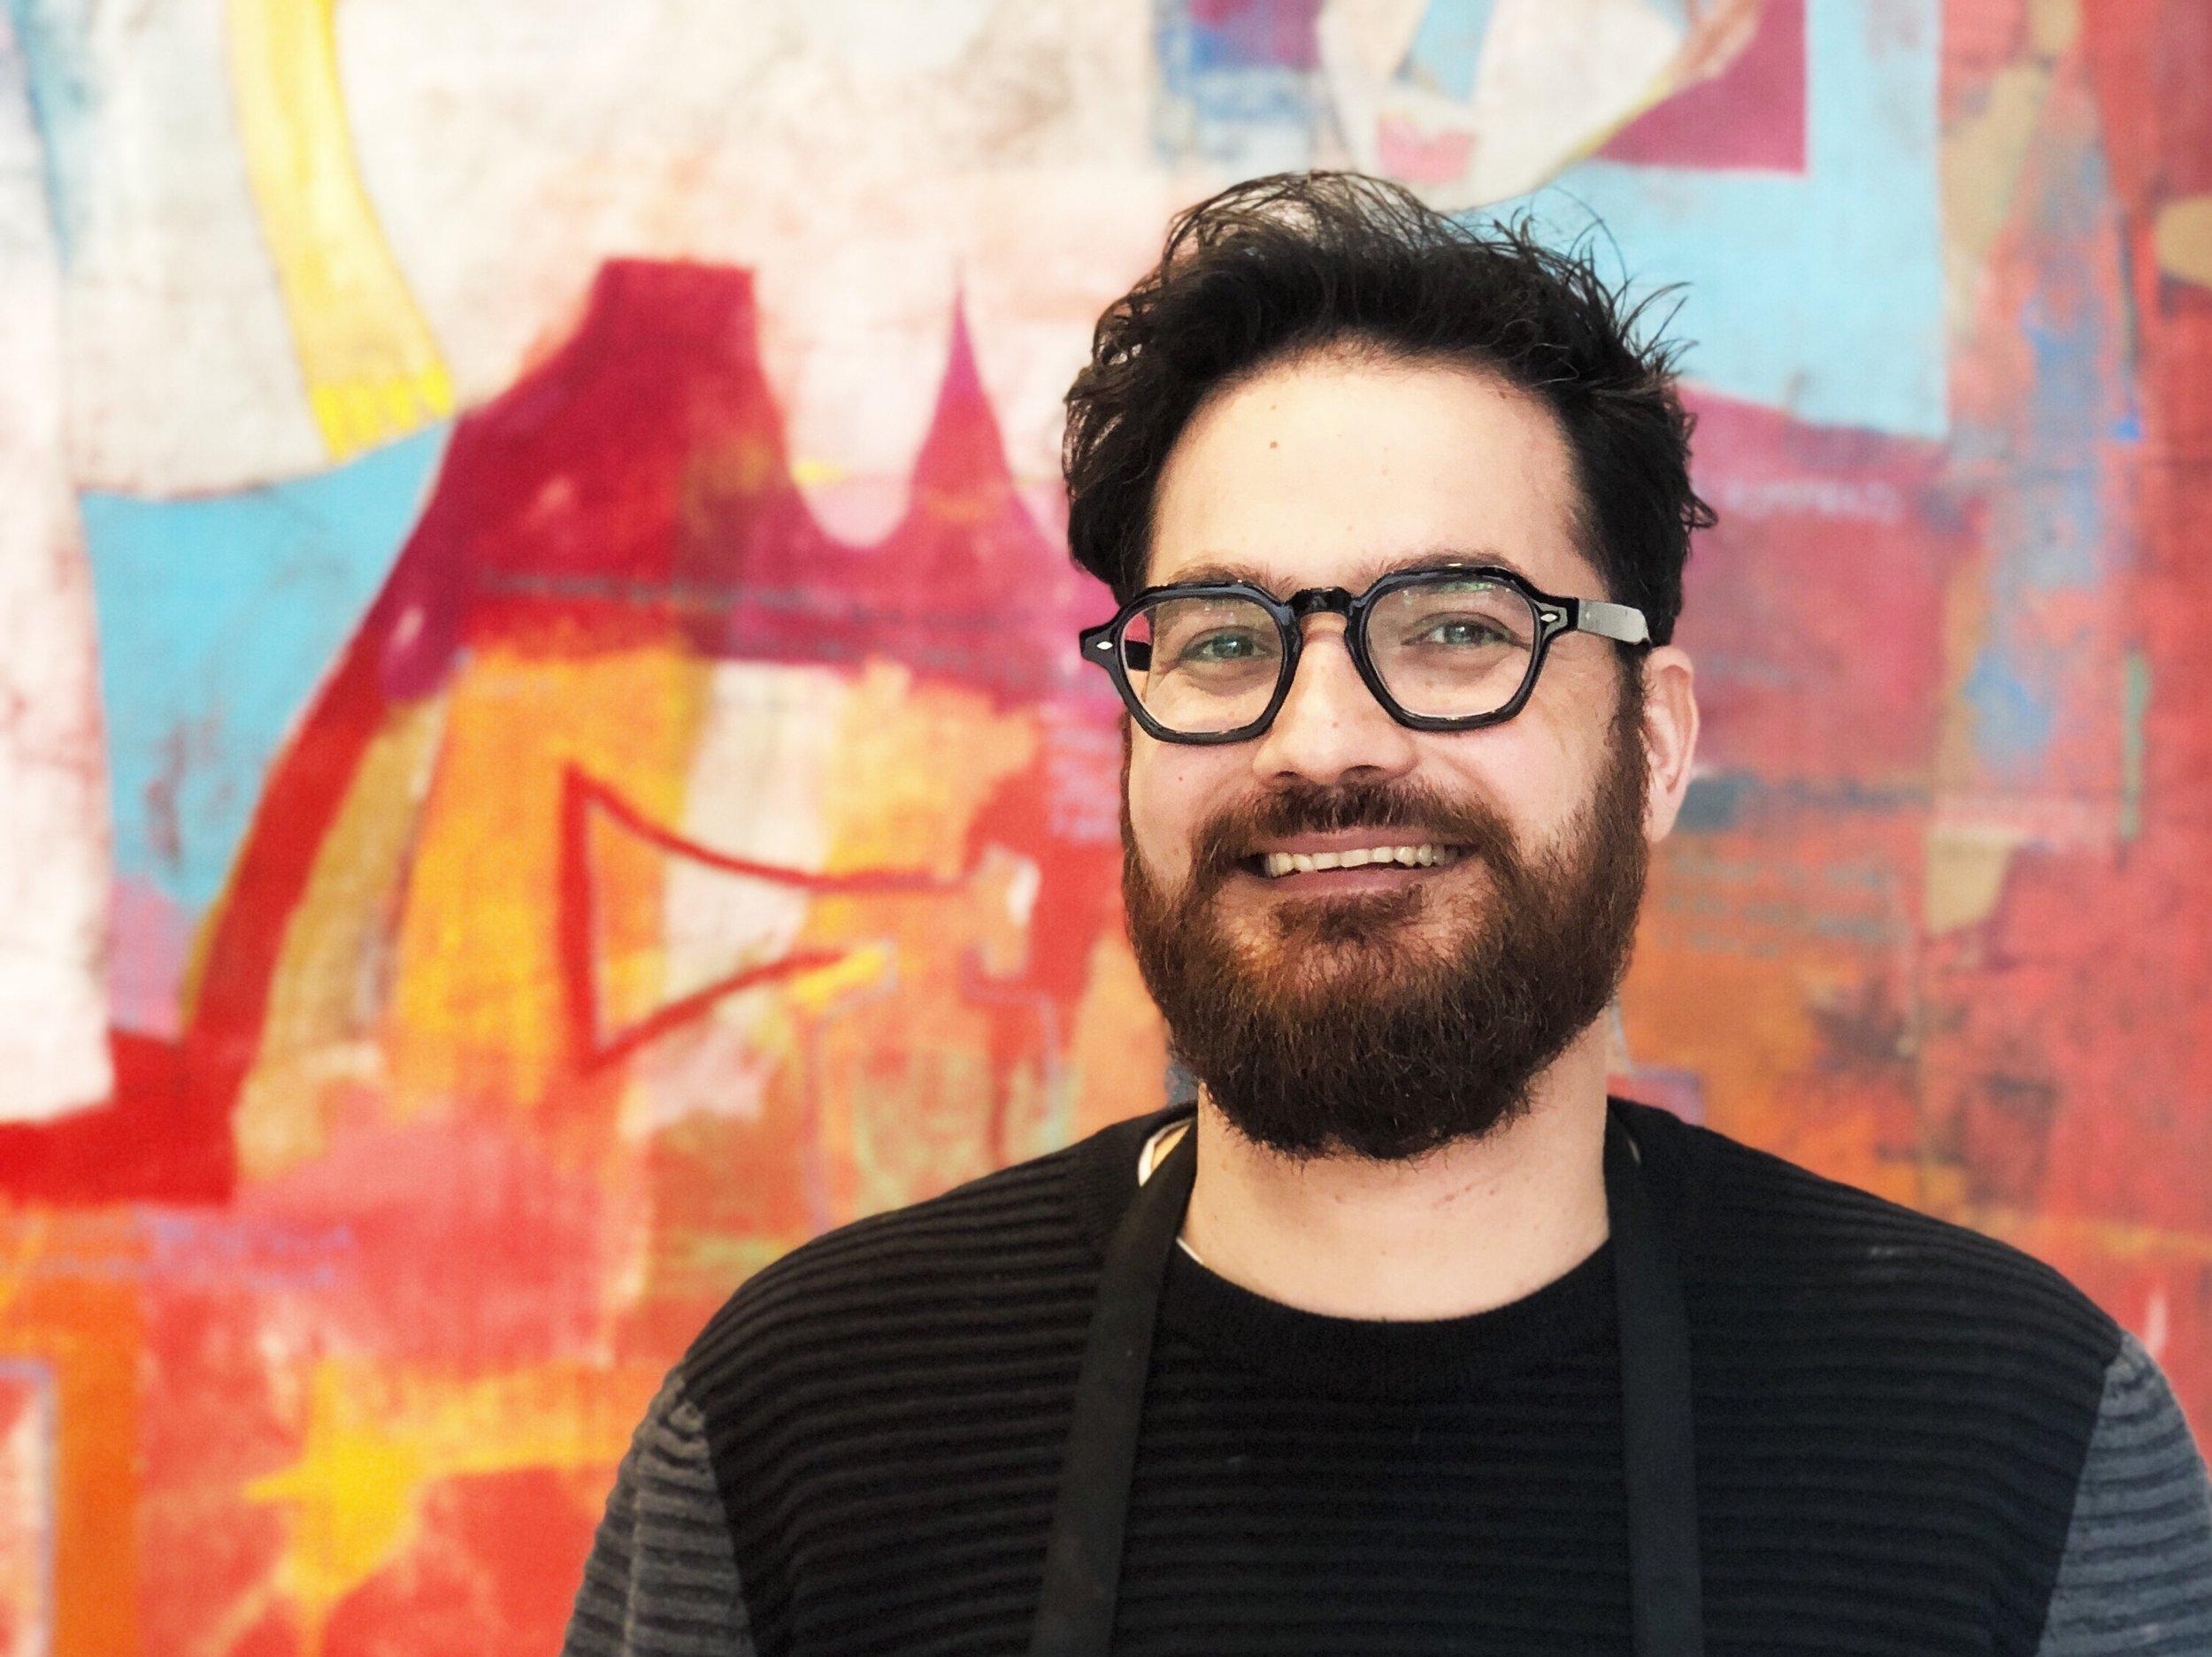 Chef Luciano Monosilio. Photo: Erica Firpo